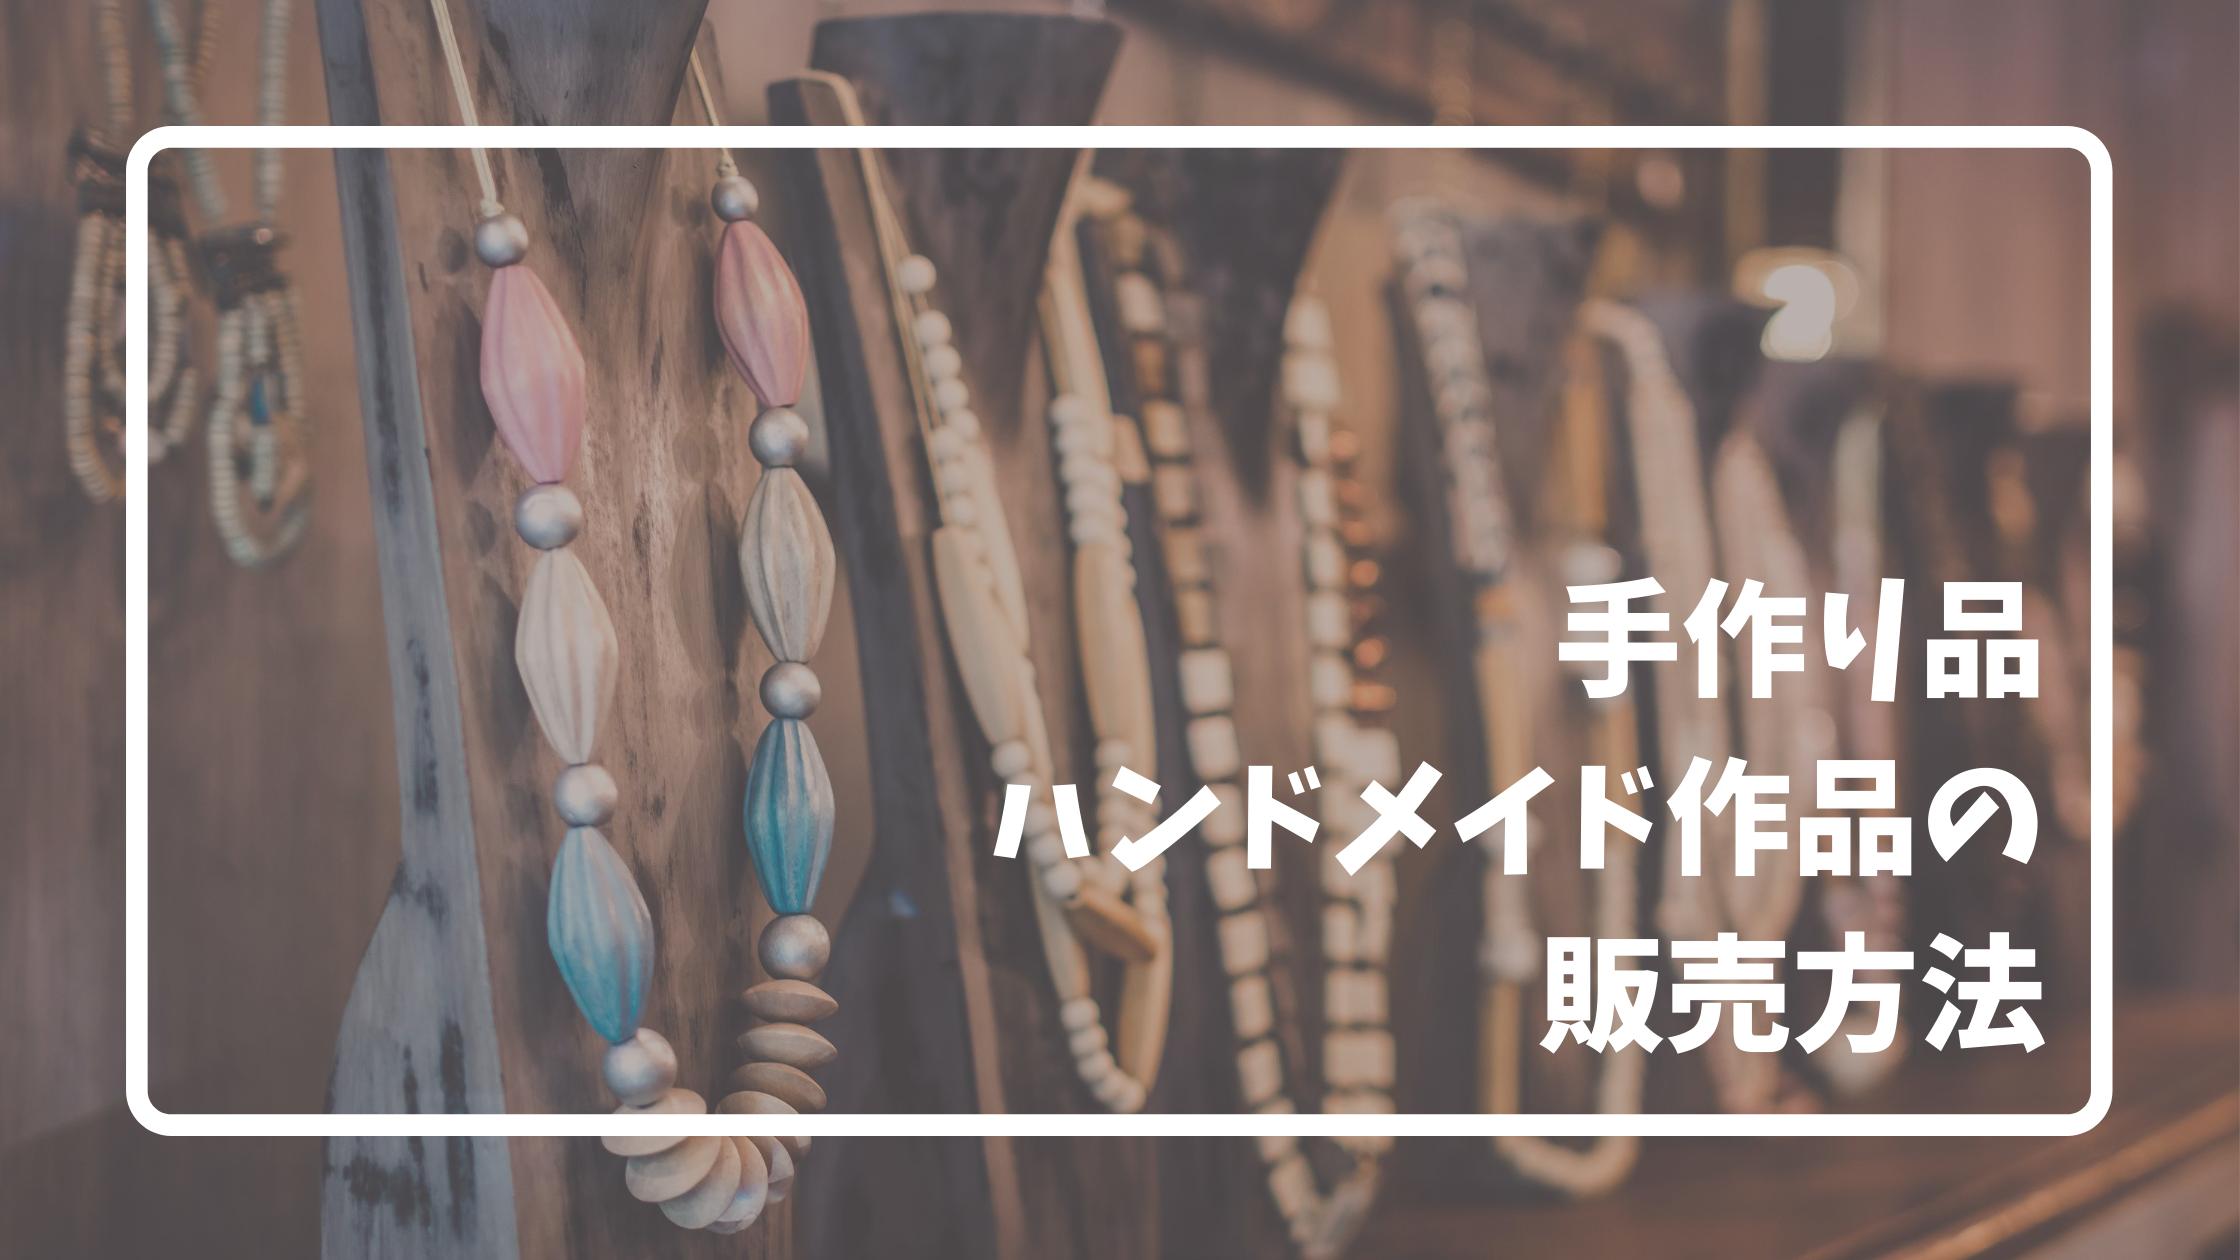 手作り品 ハンドメイド作品の 販売方法